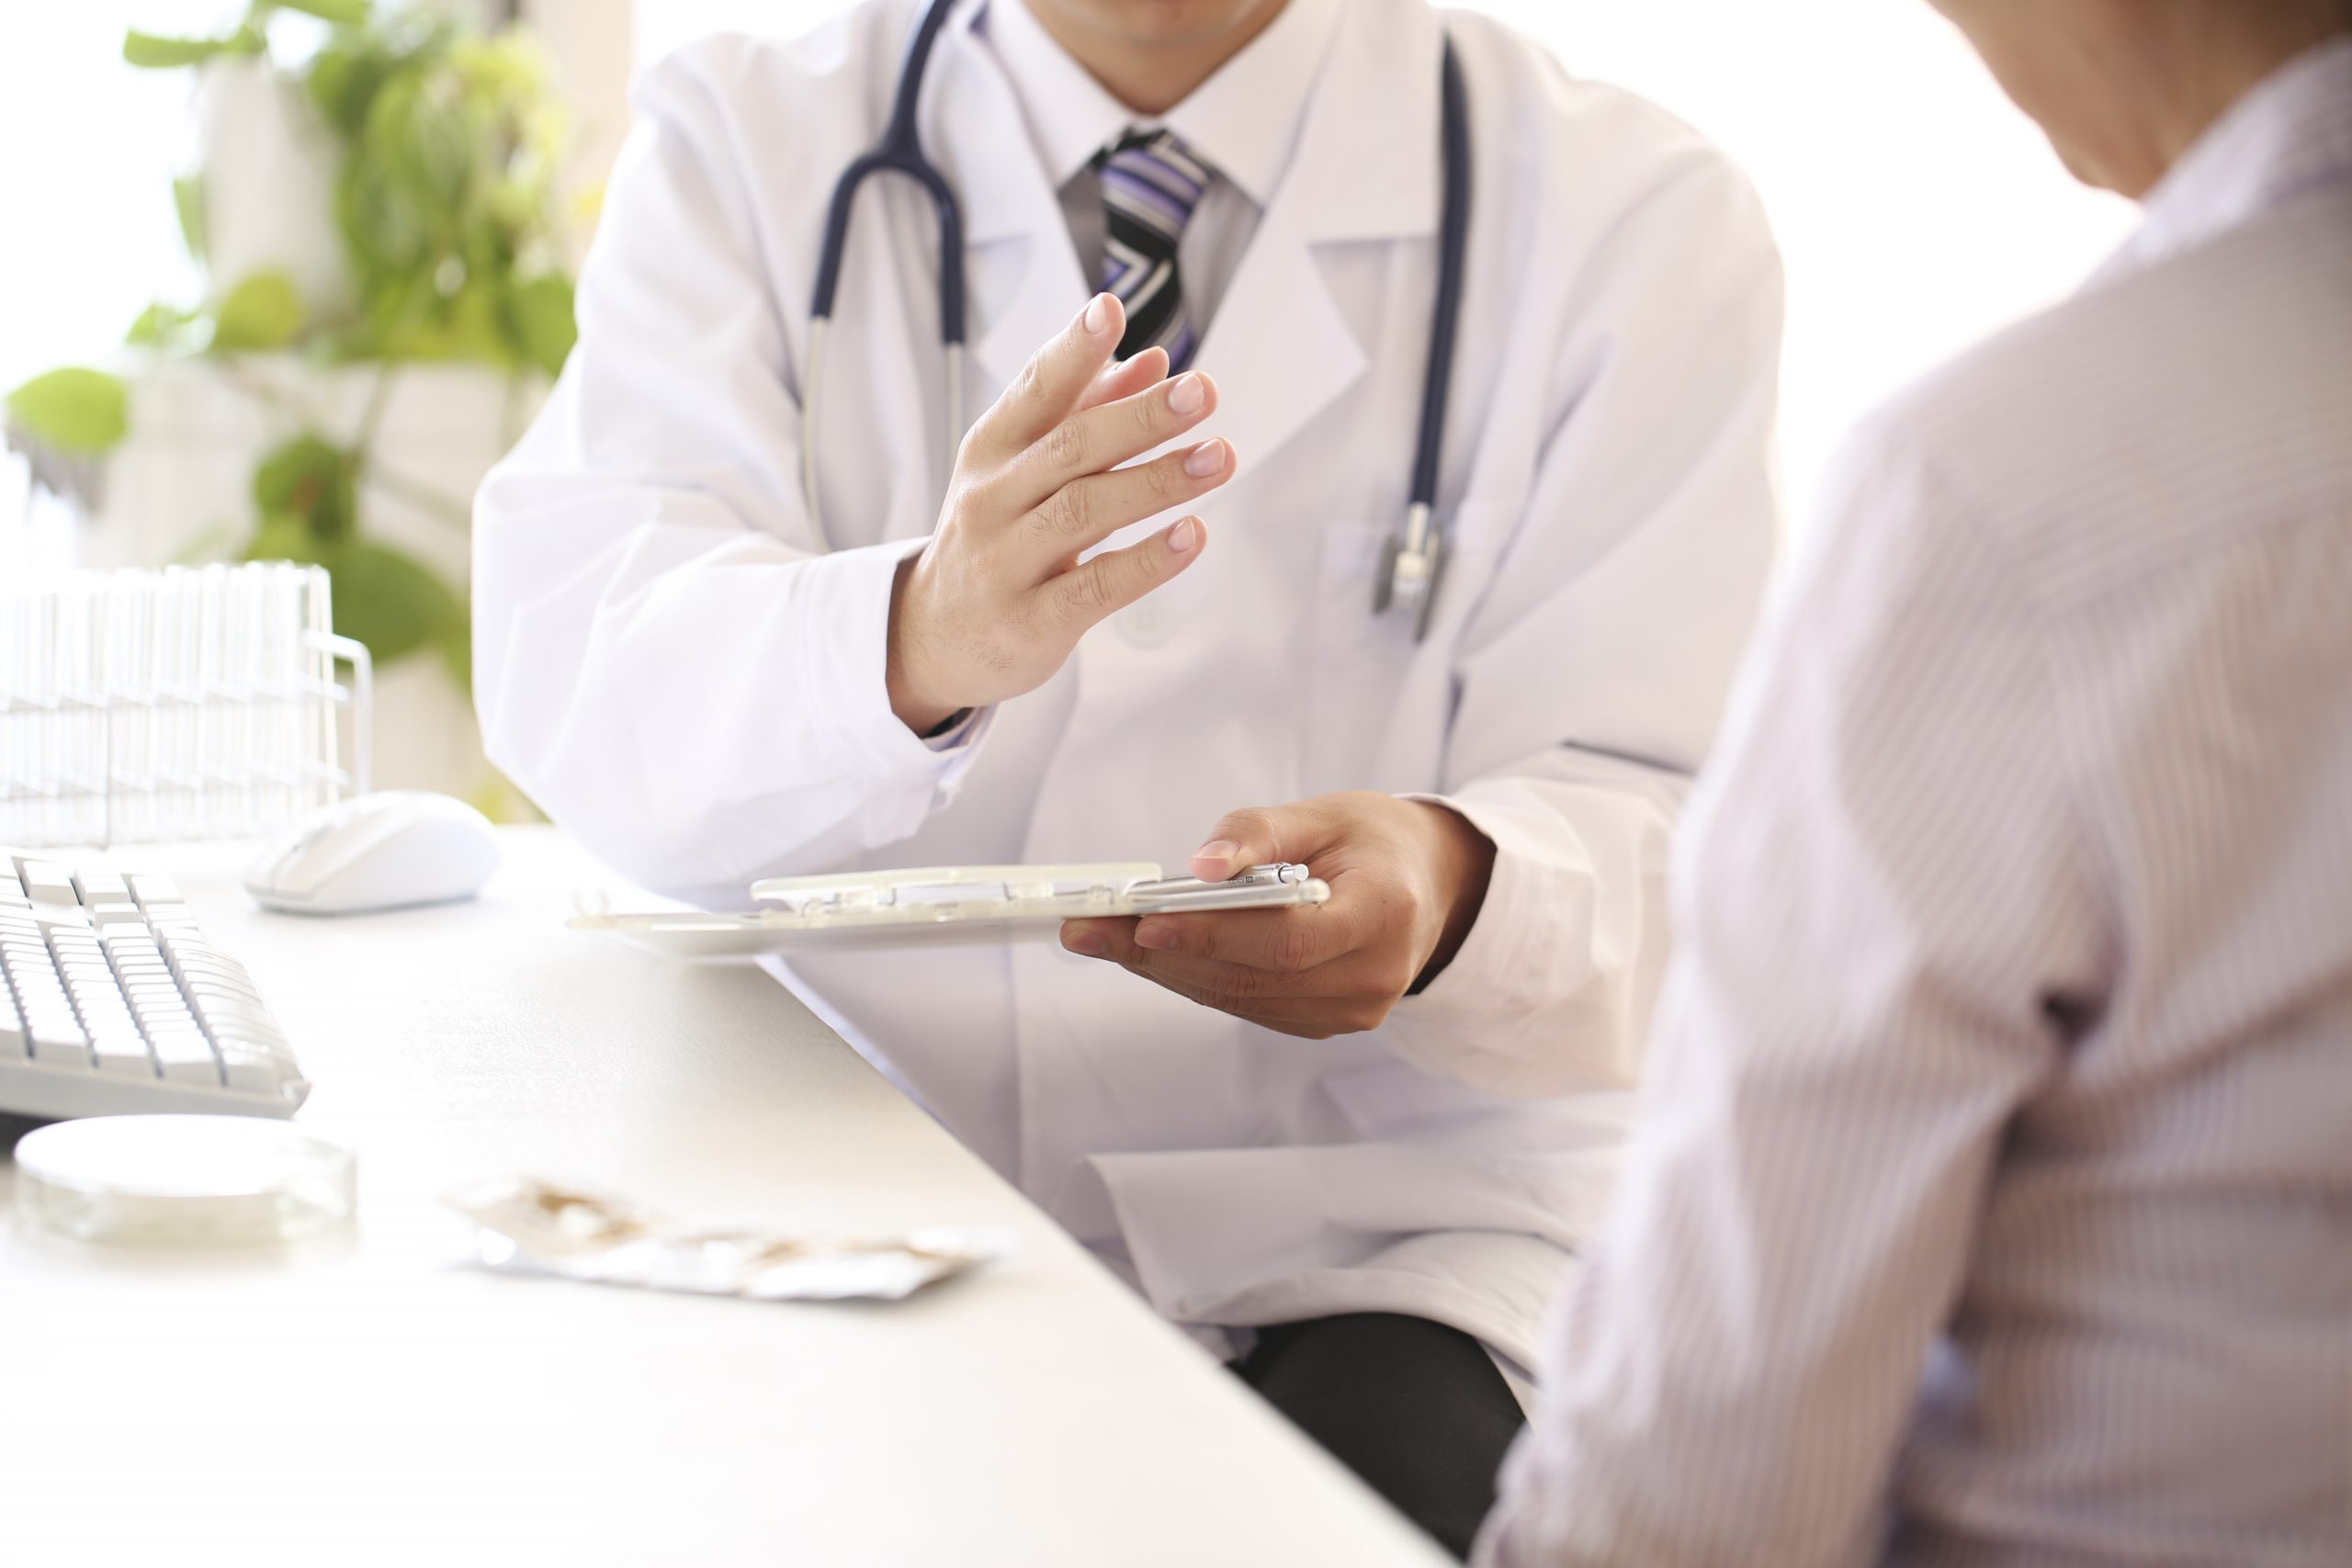 二木皮膚科 医学博士 二木昇平先生に聞く①「強い薬の副作用を防ぐ手段を模索していました」